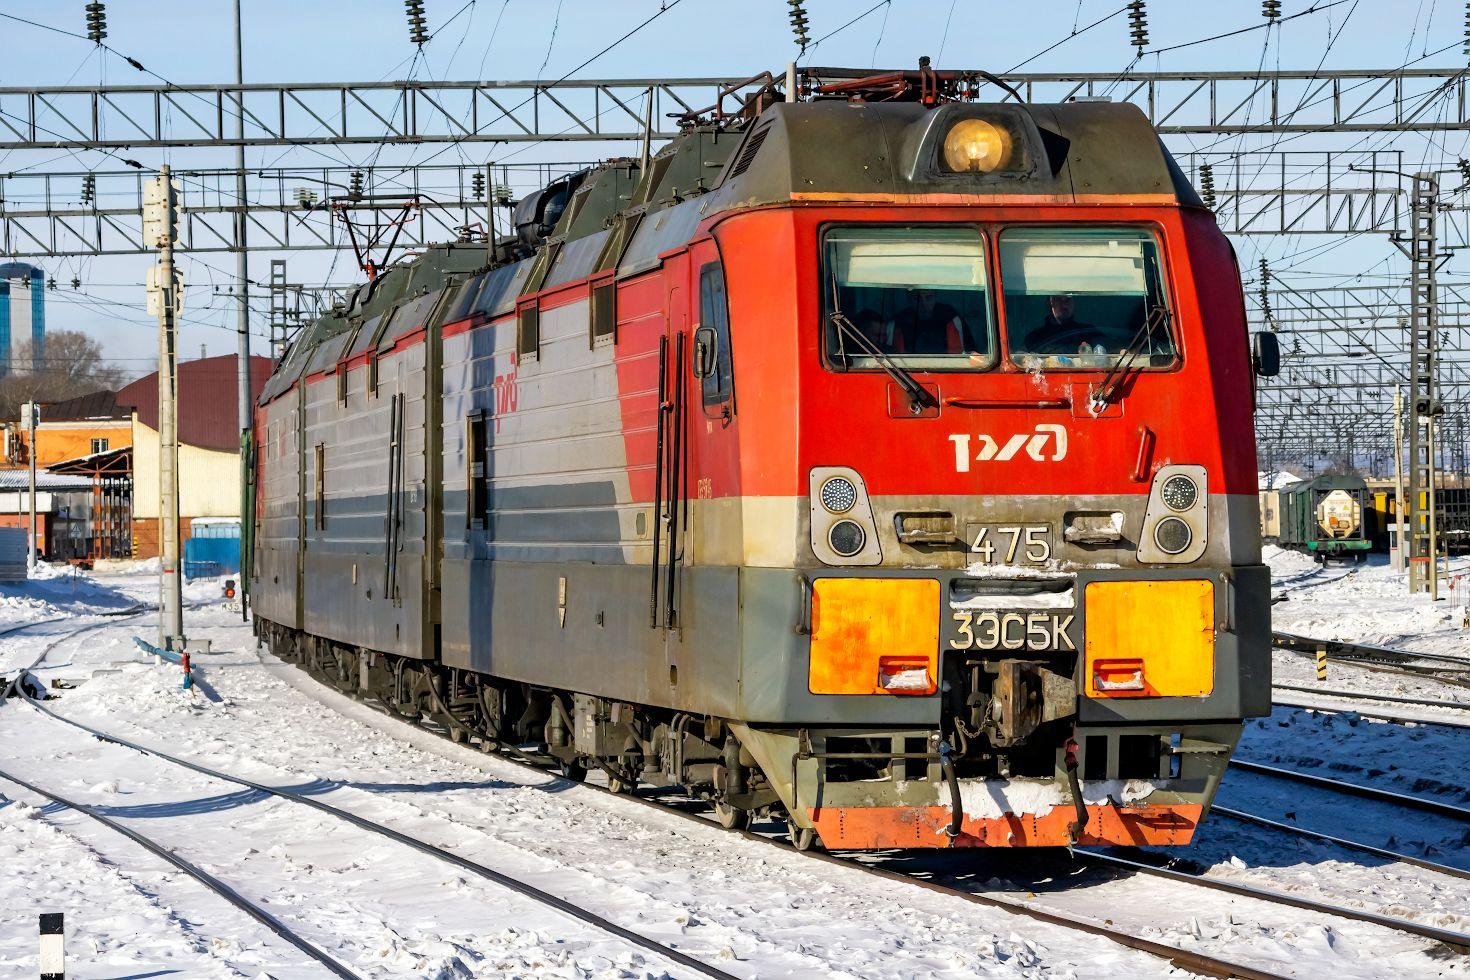 3ЭС5К-475 railway железная дорога locomotive локомотив электровоз поезд train Russia Siberia Irkutsk Россия Сибирь Иркутск споттинг spotting